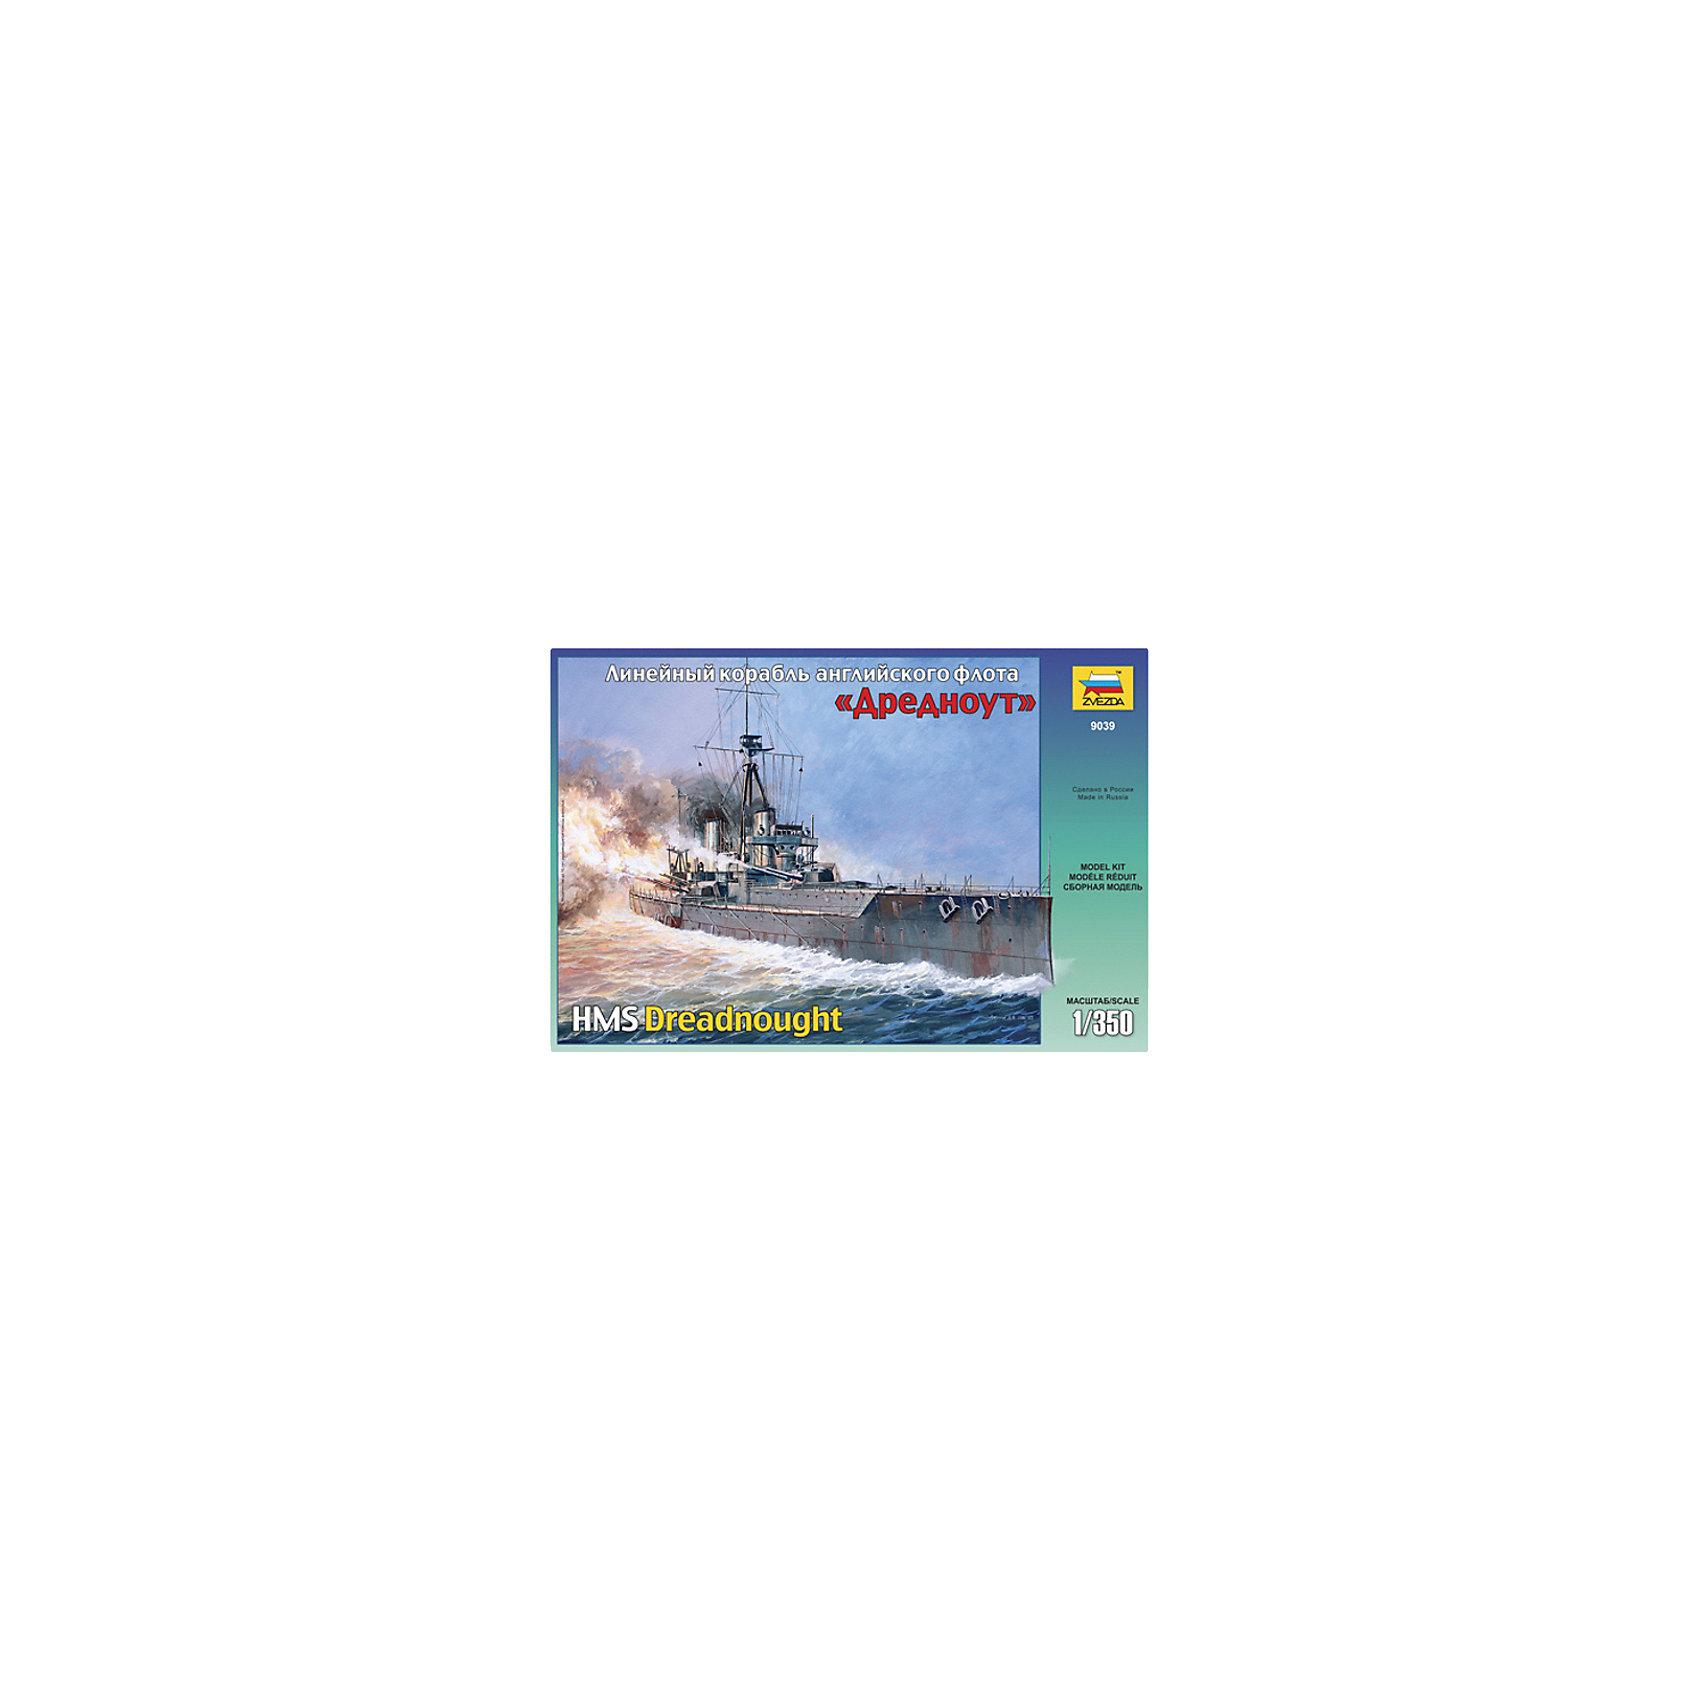 Сборная модель Звезда Линейный корабль Дредноут, 1:350Модели для склеивания<br>Модель сборная Линейный корабль Дредноут (Россия)<br><br>Ширина мм: 487<br>Глубина мм: 85<br>Высота мм: 307<br>Вес г: 700<br>Возраст от месяцев: 36<br>Возраст до месяцев: 180<br>Пол: Мужской<br>Возраст: Детский<br>SKU: 7086595